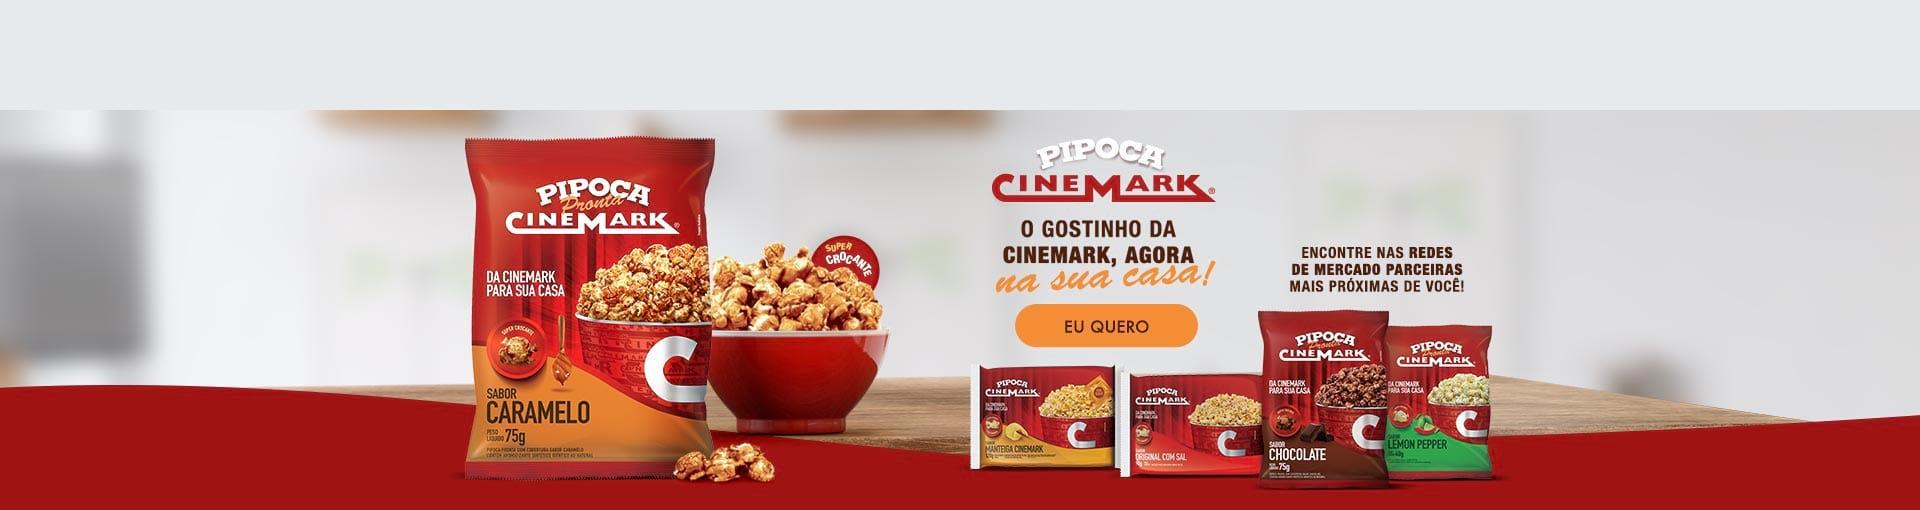 A rede Cinemark faz uma ação e tanto de branding durante a pandemia do covid 19 (coronavirus). Lança linha de pipocas prontas e para micro-ondas em parceria com Magalu e a plataforma B2W